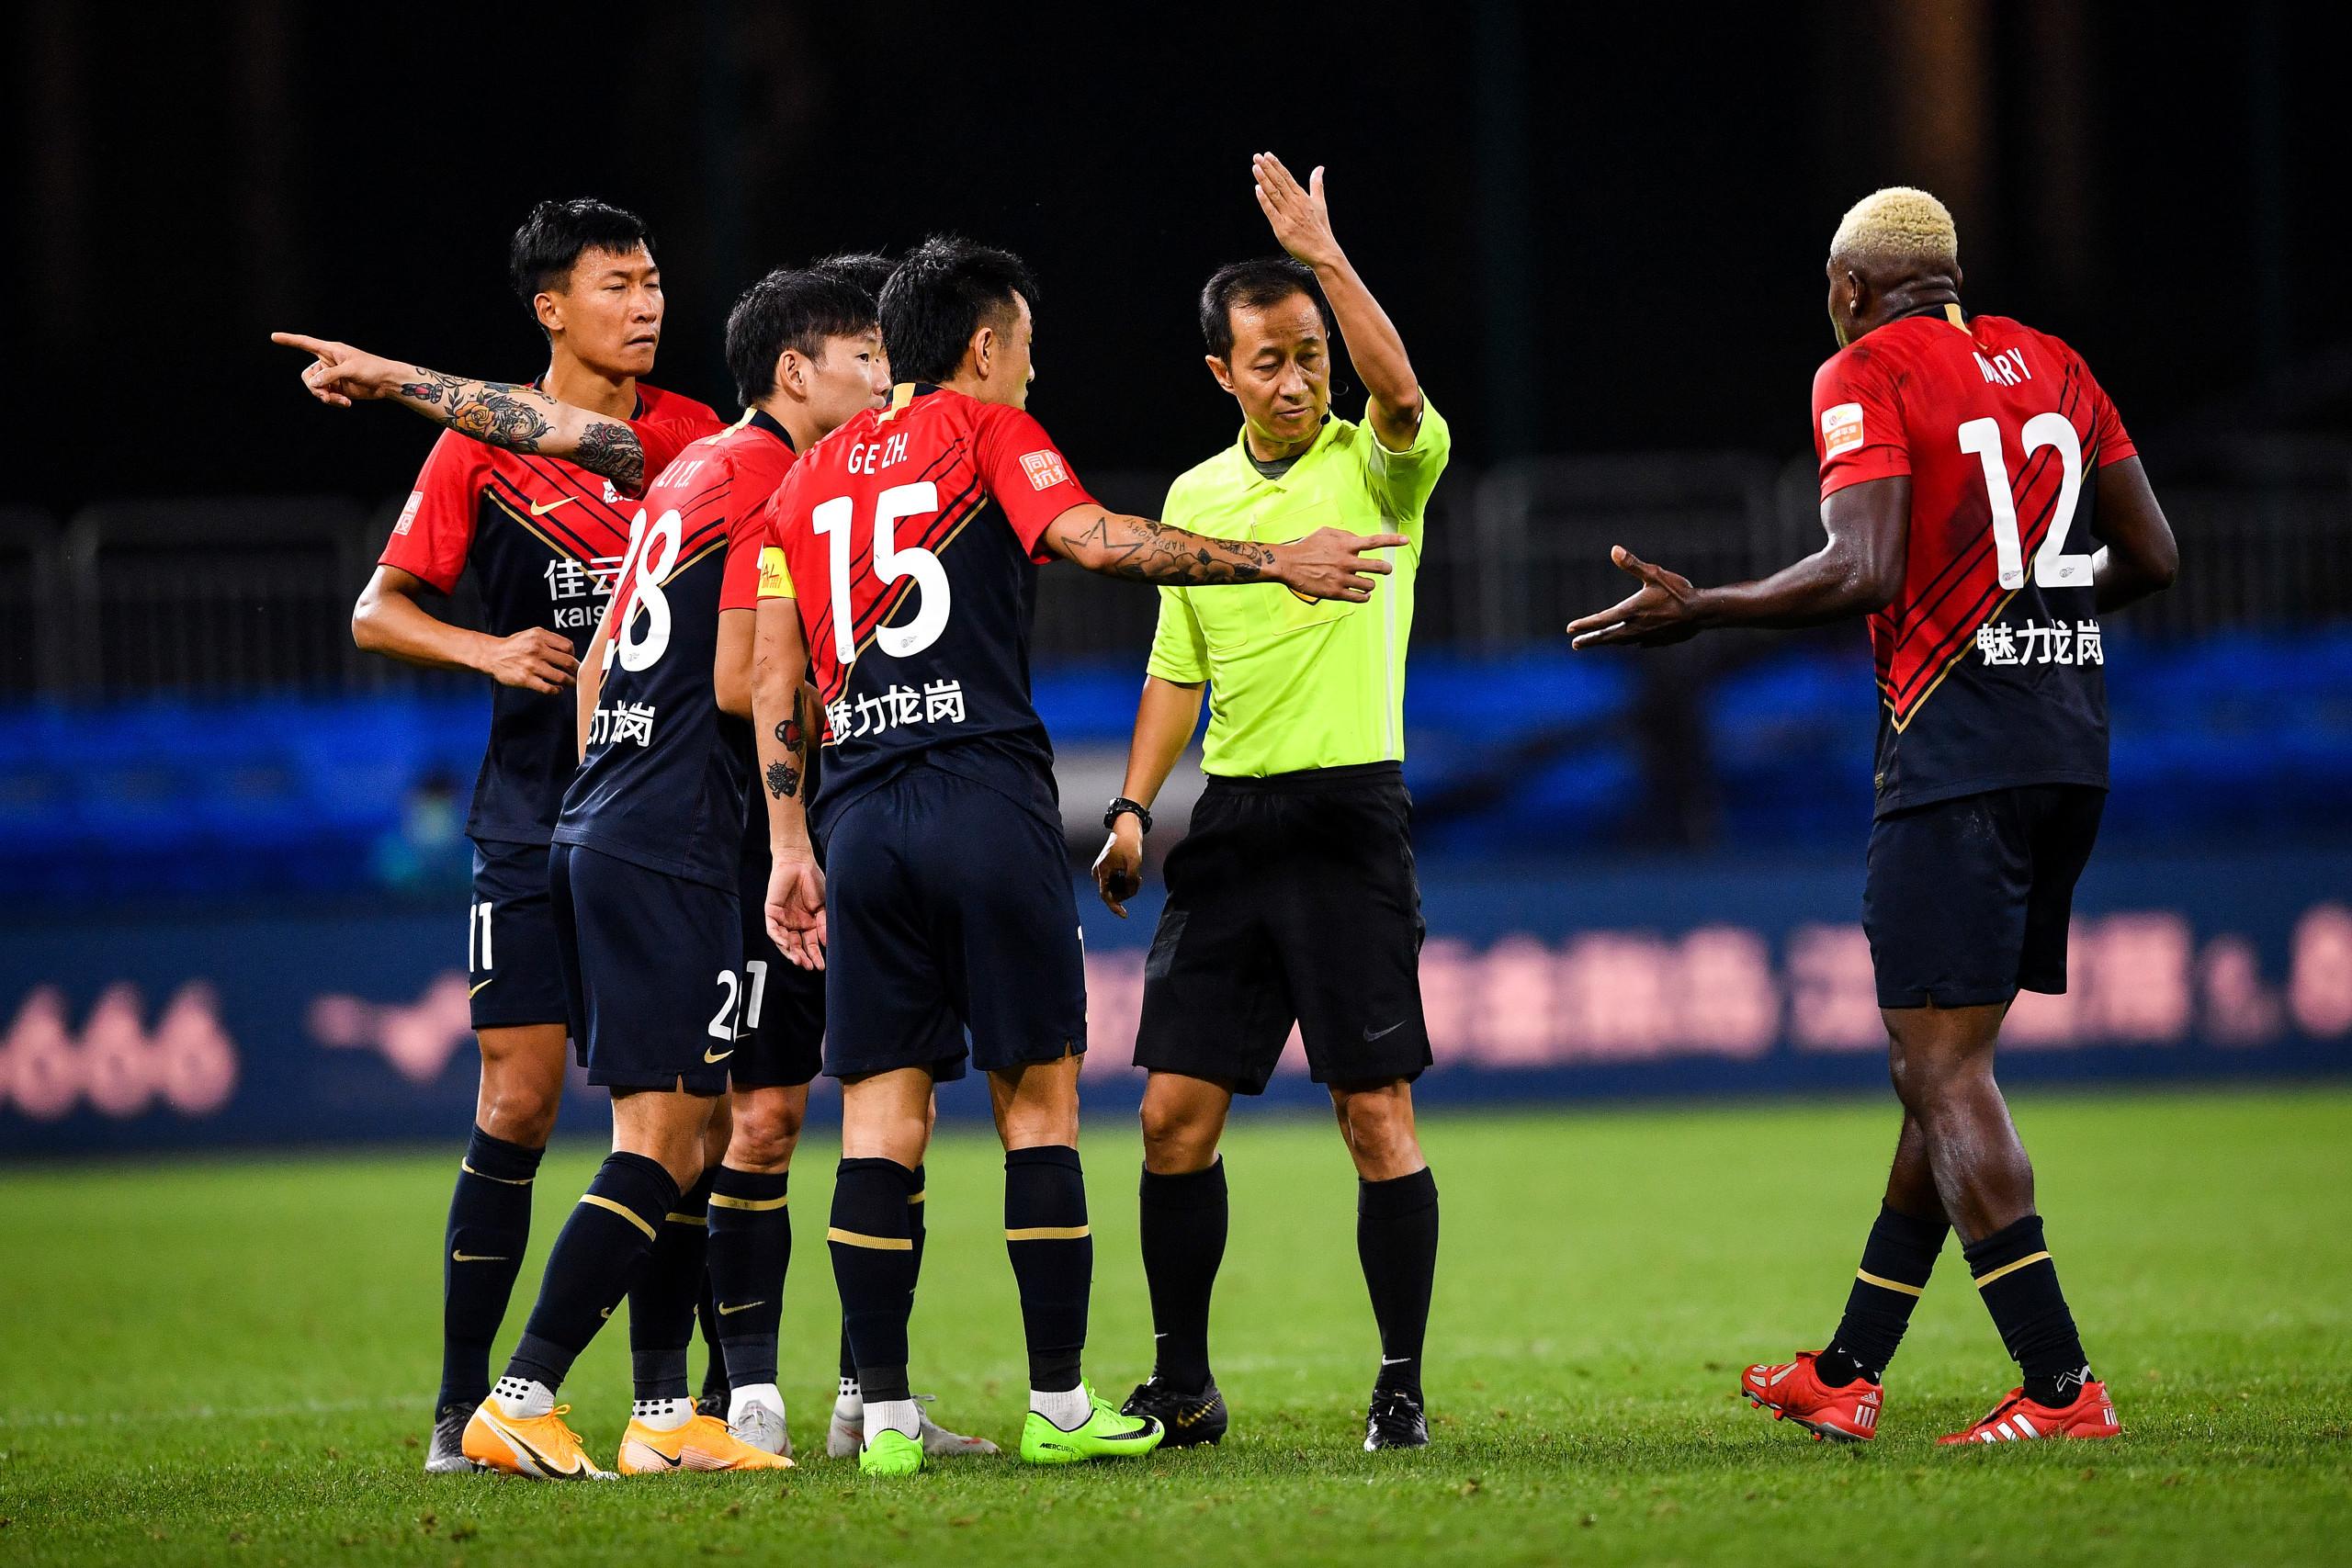 足球报:马里被激怒因遭种族歧视,深足欲就此向足协申诉